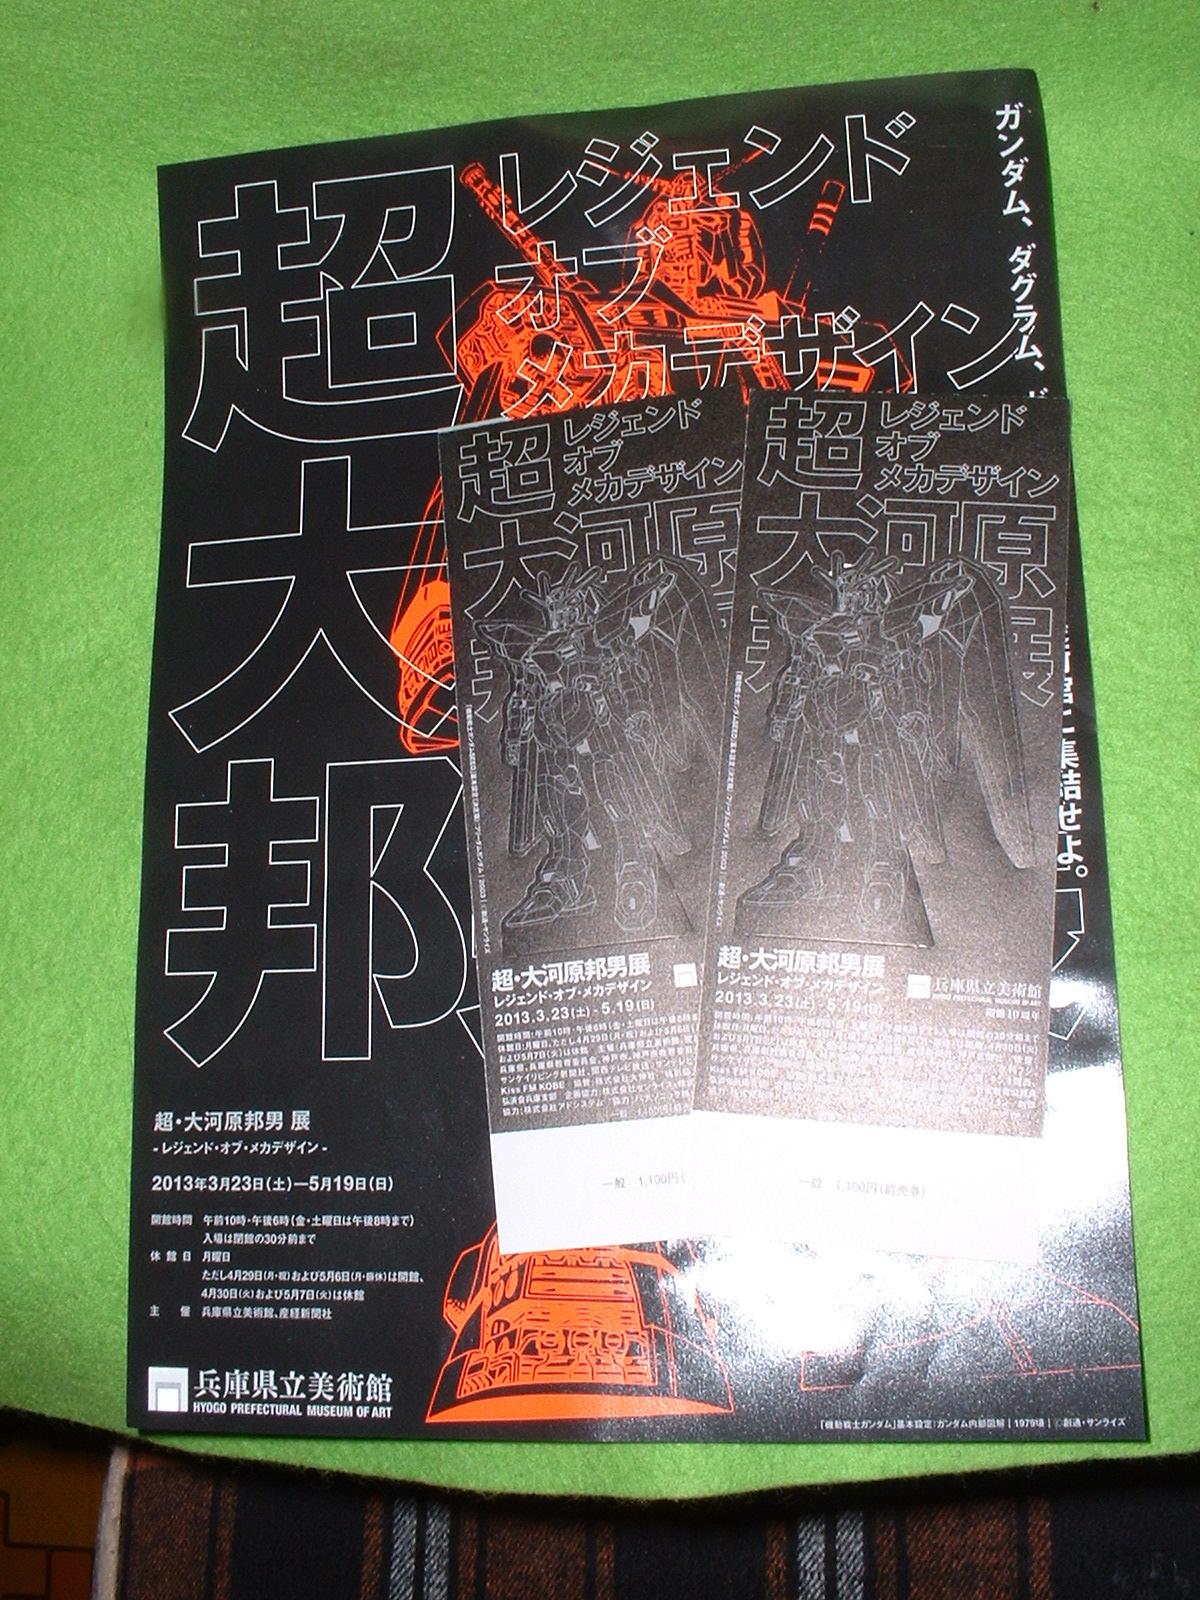 「超 大河原邦夫展」チラシと前売り券 Doburoku-TAO.JPG